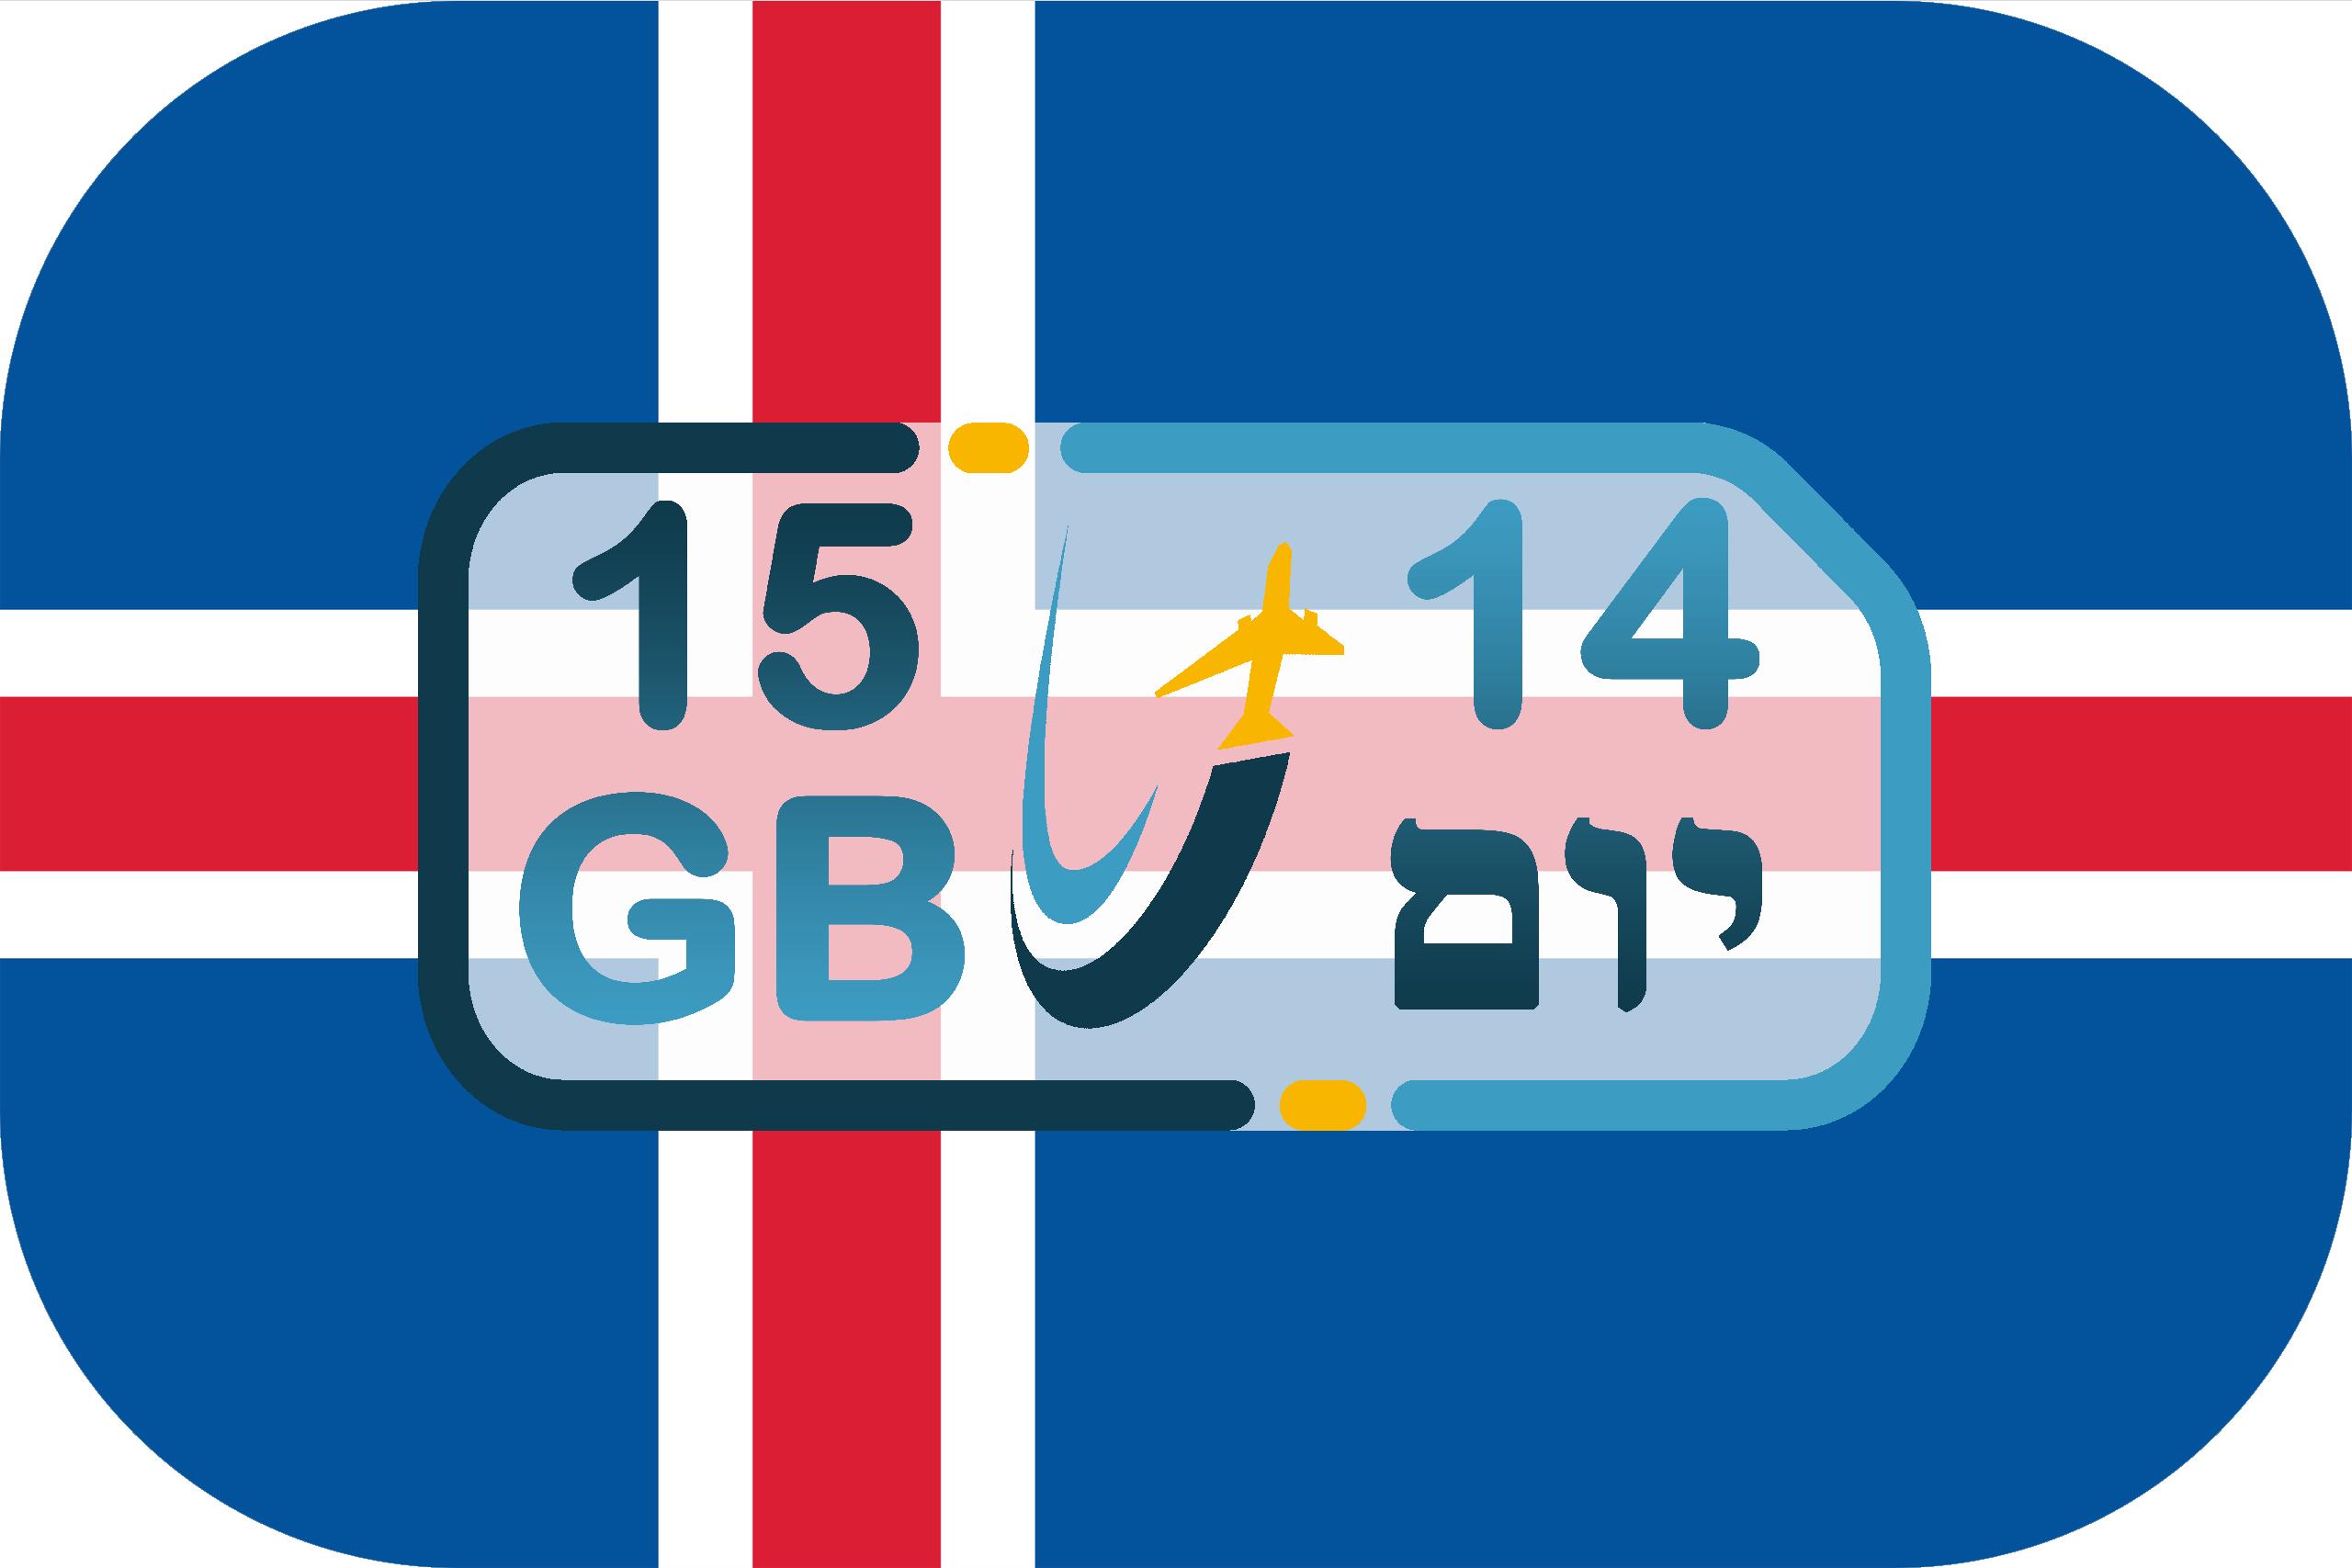 כרטיס סים באיסלנד – גלישה 15GB (בתוקף ל- 14 יום)